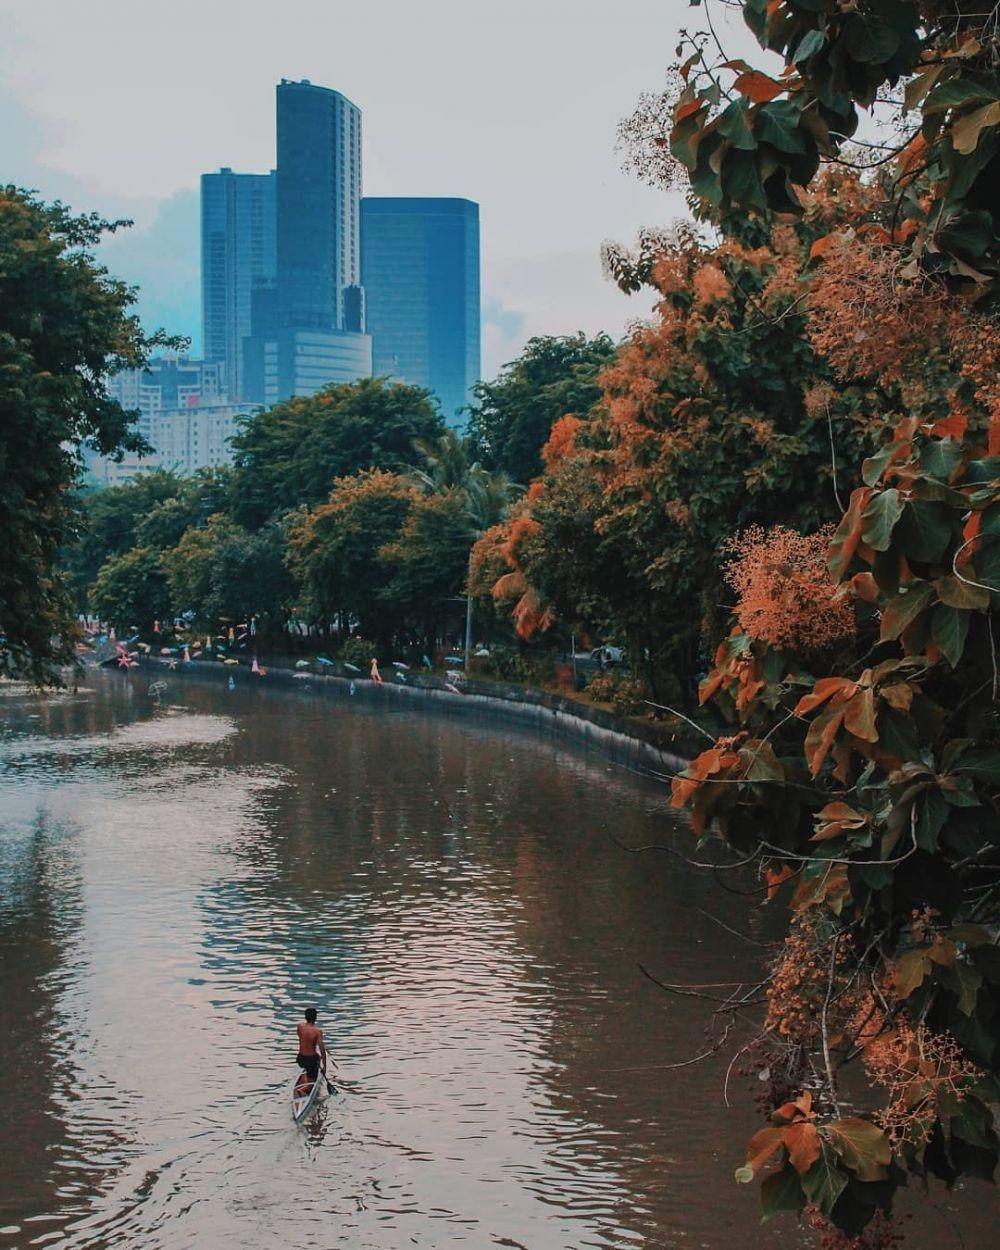 92345858 1702528206553306 2358879116713991782 n 2febbe226cb83e00c879dc4a955661fc - Wisata Susur Sungai Paling Hits di Indonesia